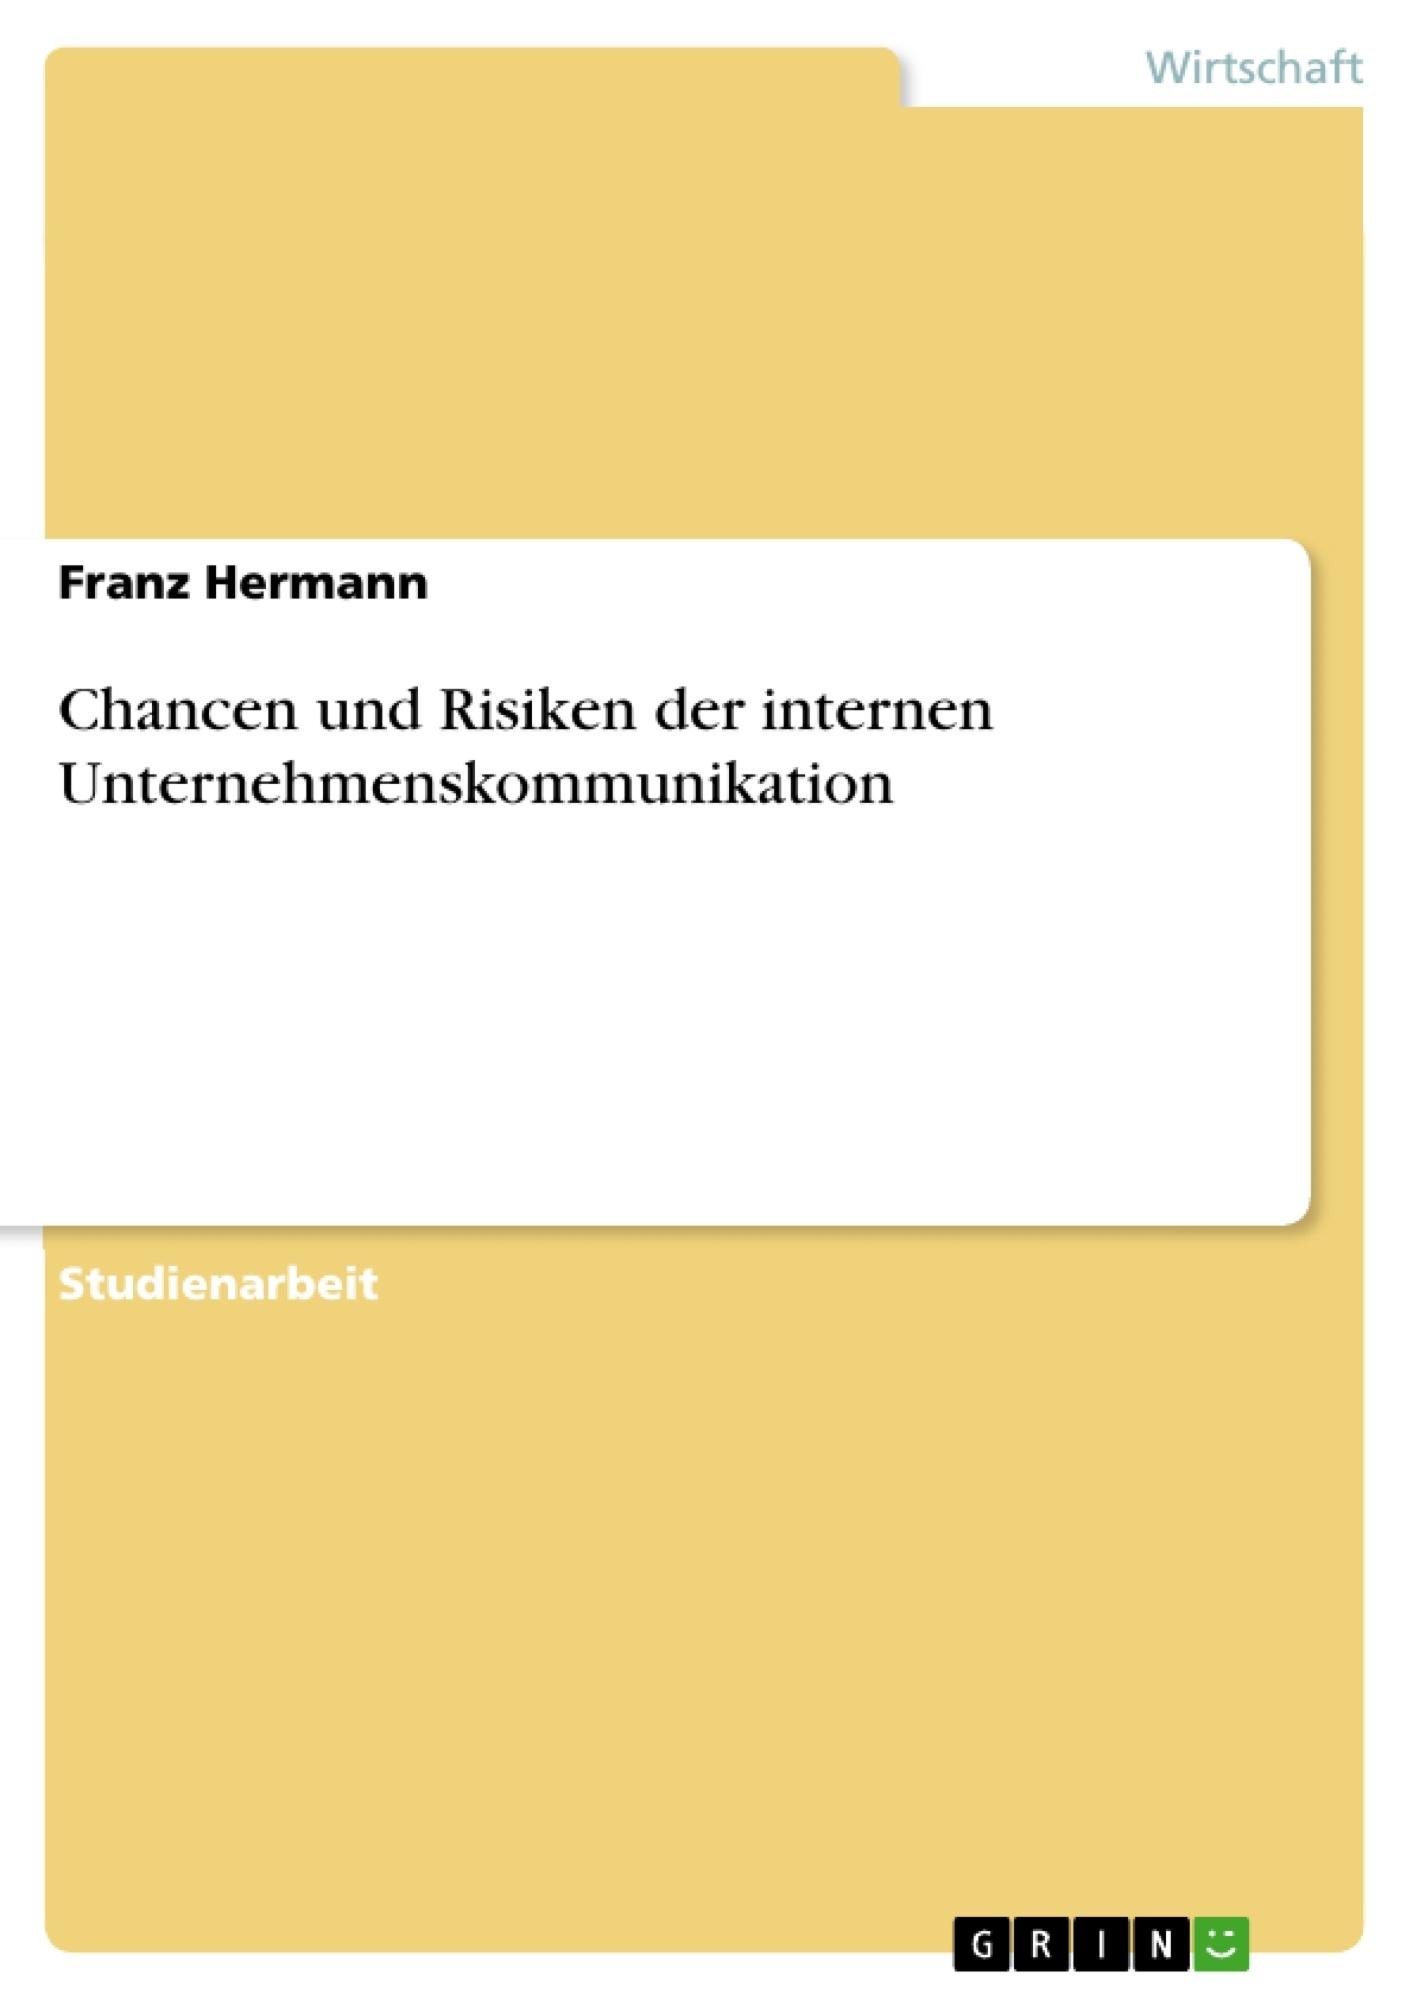 Titel: Chancen und Risiken der internen Unternehmenskommunikation